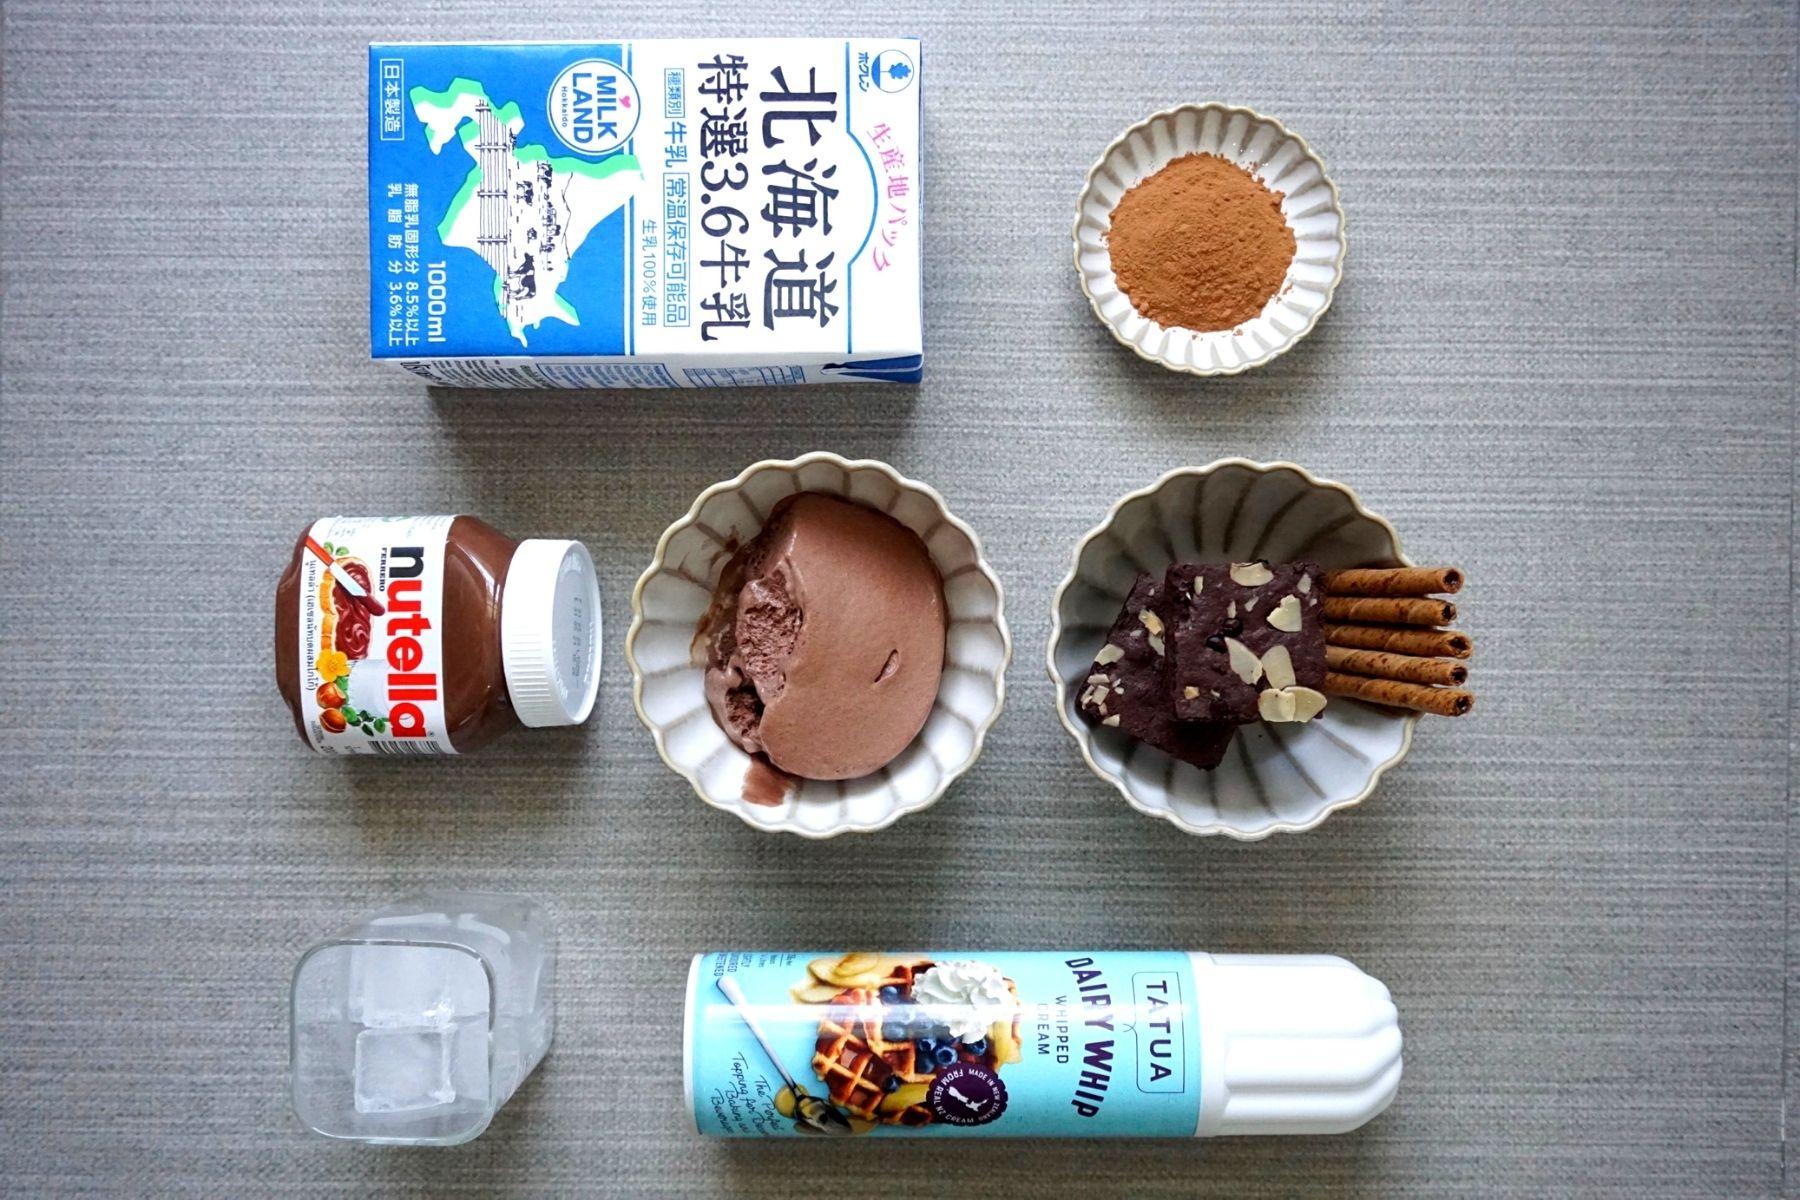 HappyFresh_Chocolate_Milkshake_Ingredients_Cooking_Owl